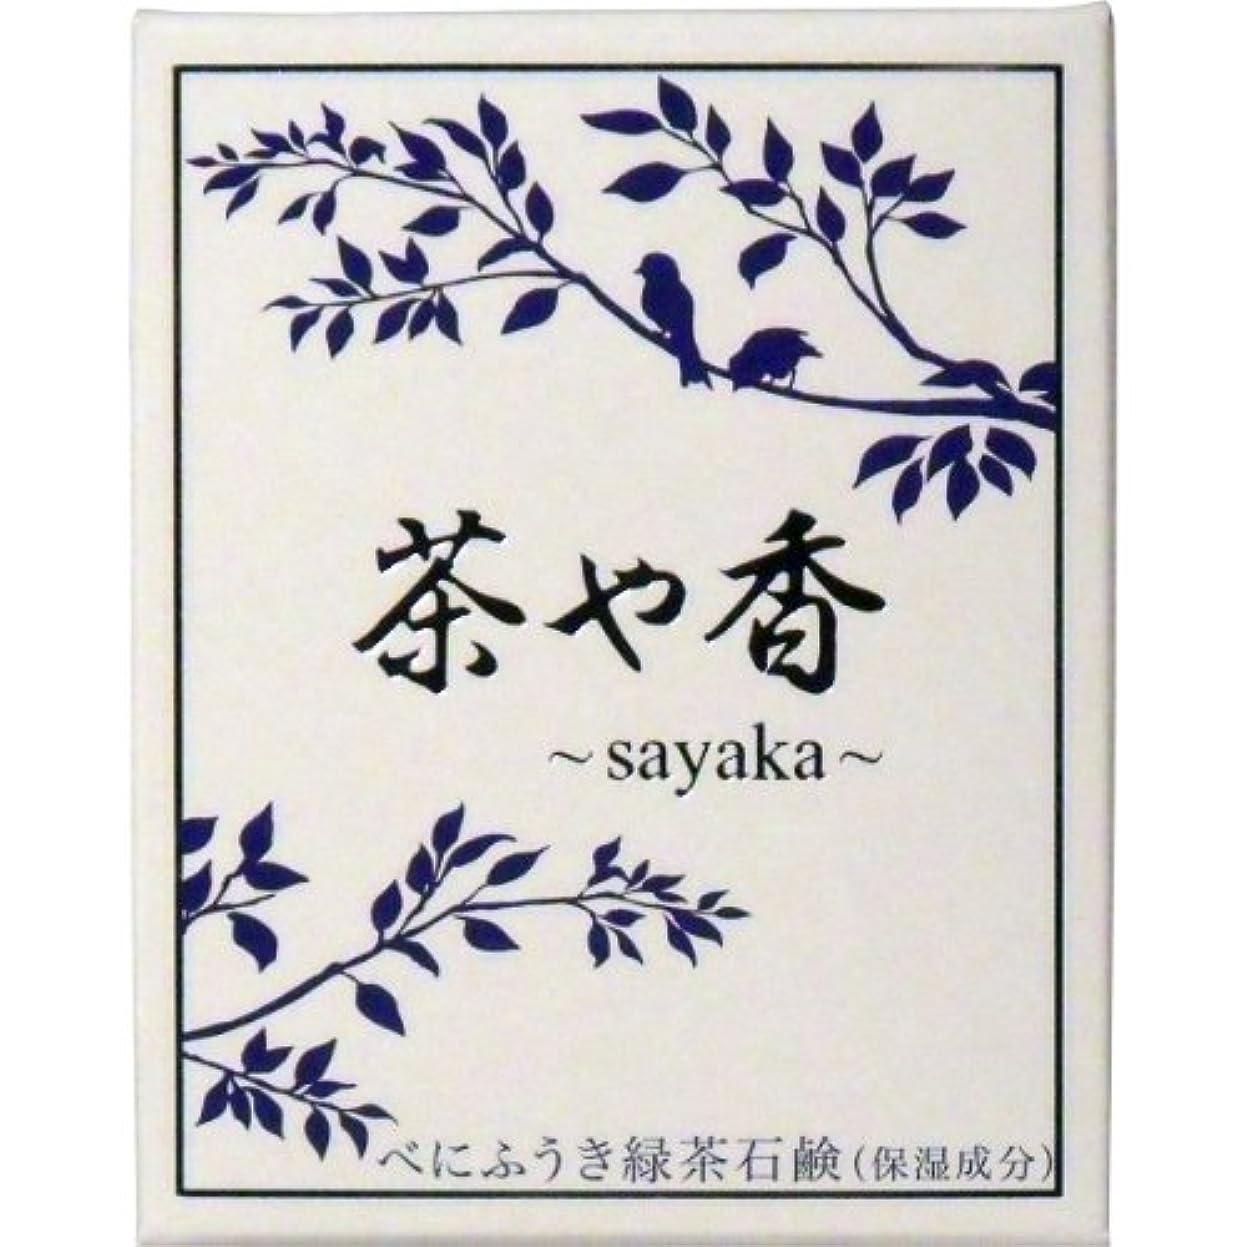 植物学者アドバイス反響する茶や香 -sayaka- べにふうき緑茶石鹸 100g入 ×3個セット